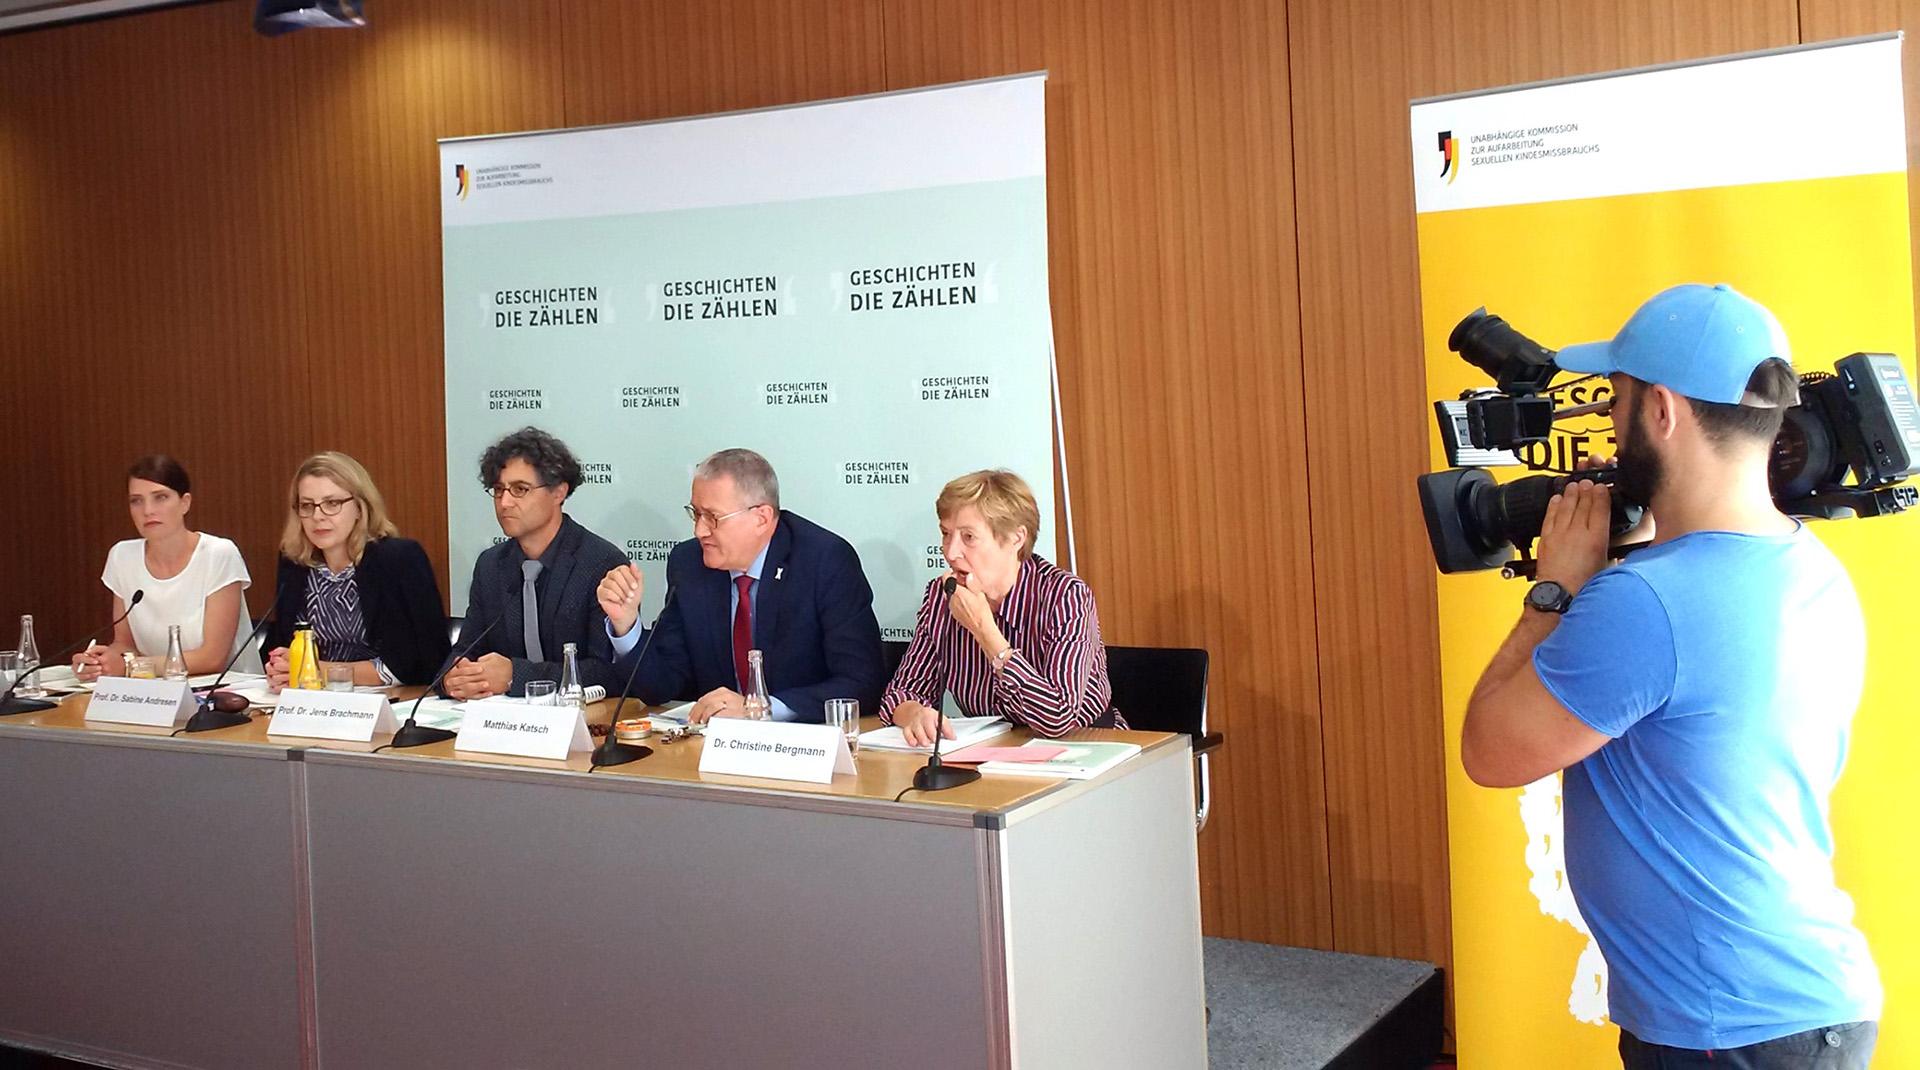 Fünf Personen sitzen hinter einem Pult auf einer Bühne und werden von einem Mann gefilmt. Es handelt sich um eine Pressekonferenz.